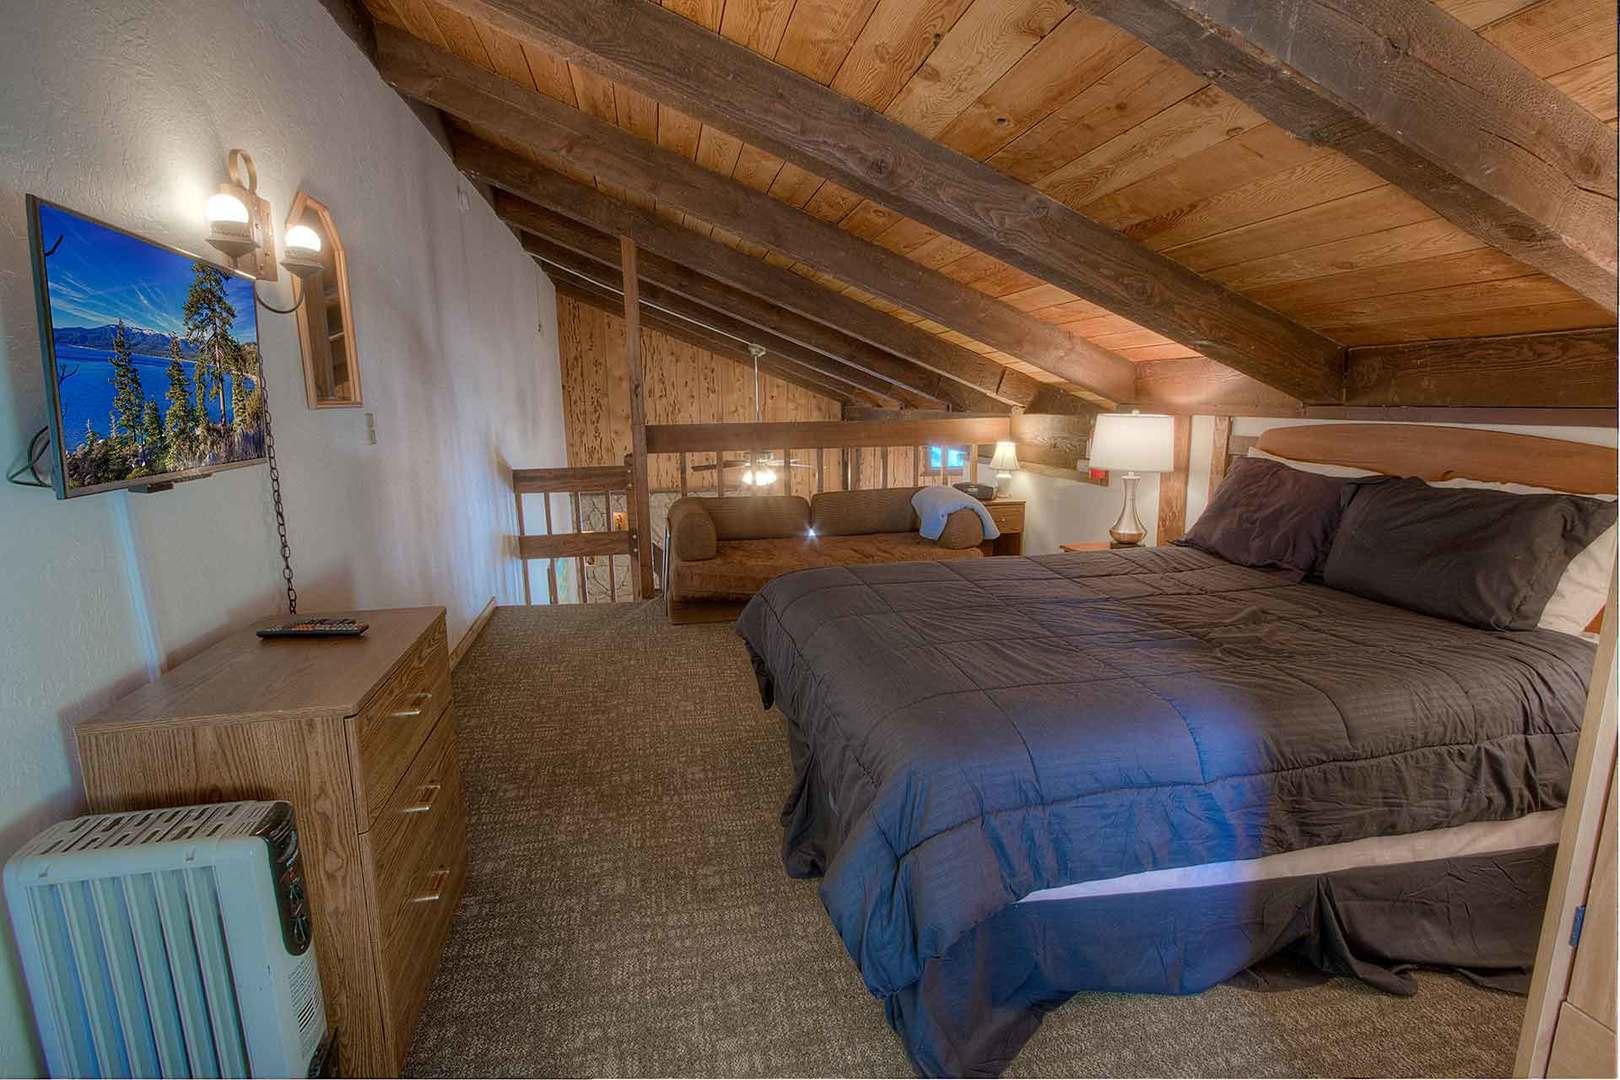 hnc0804 bedroom